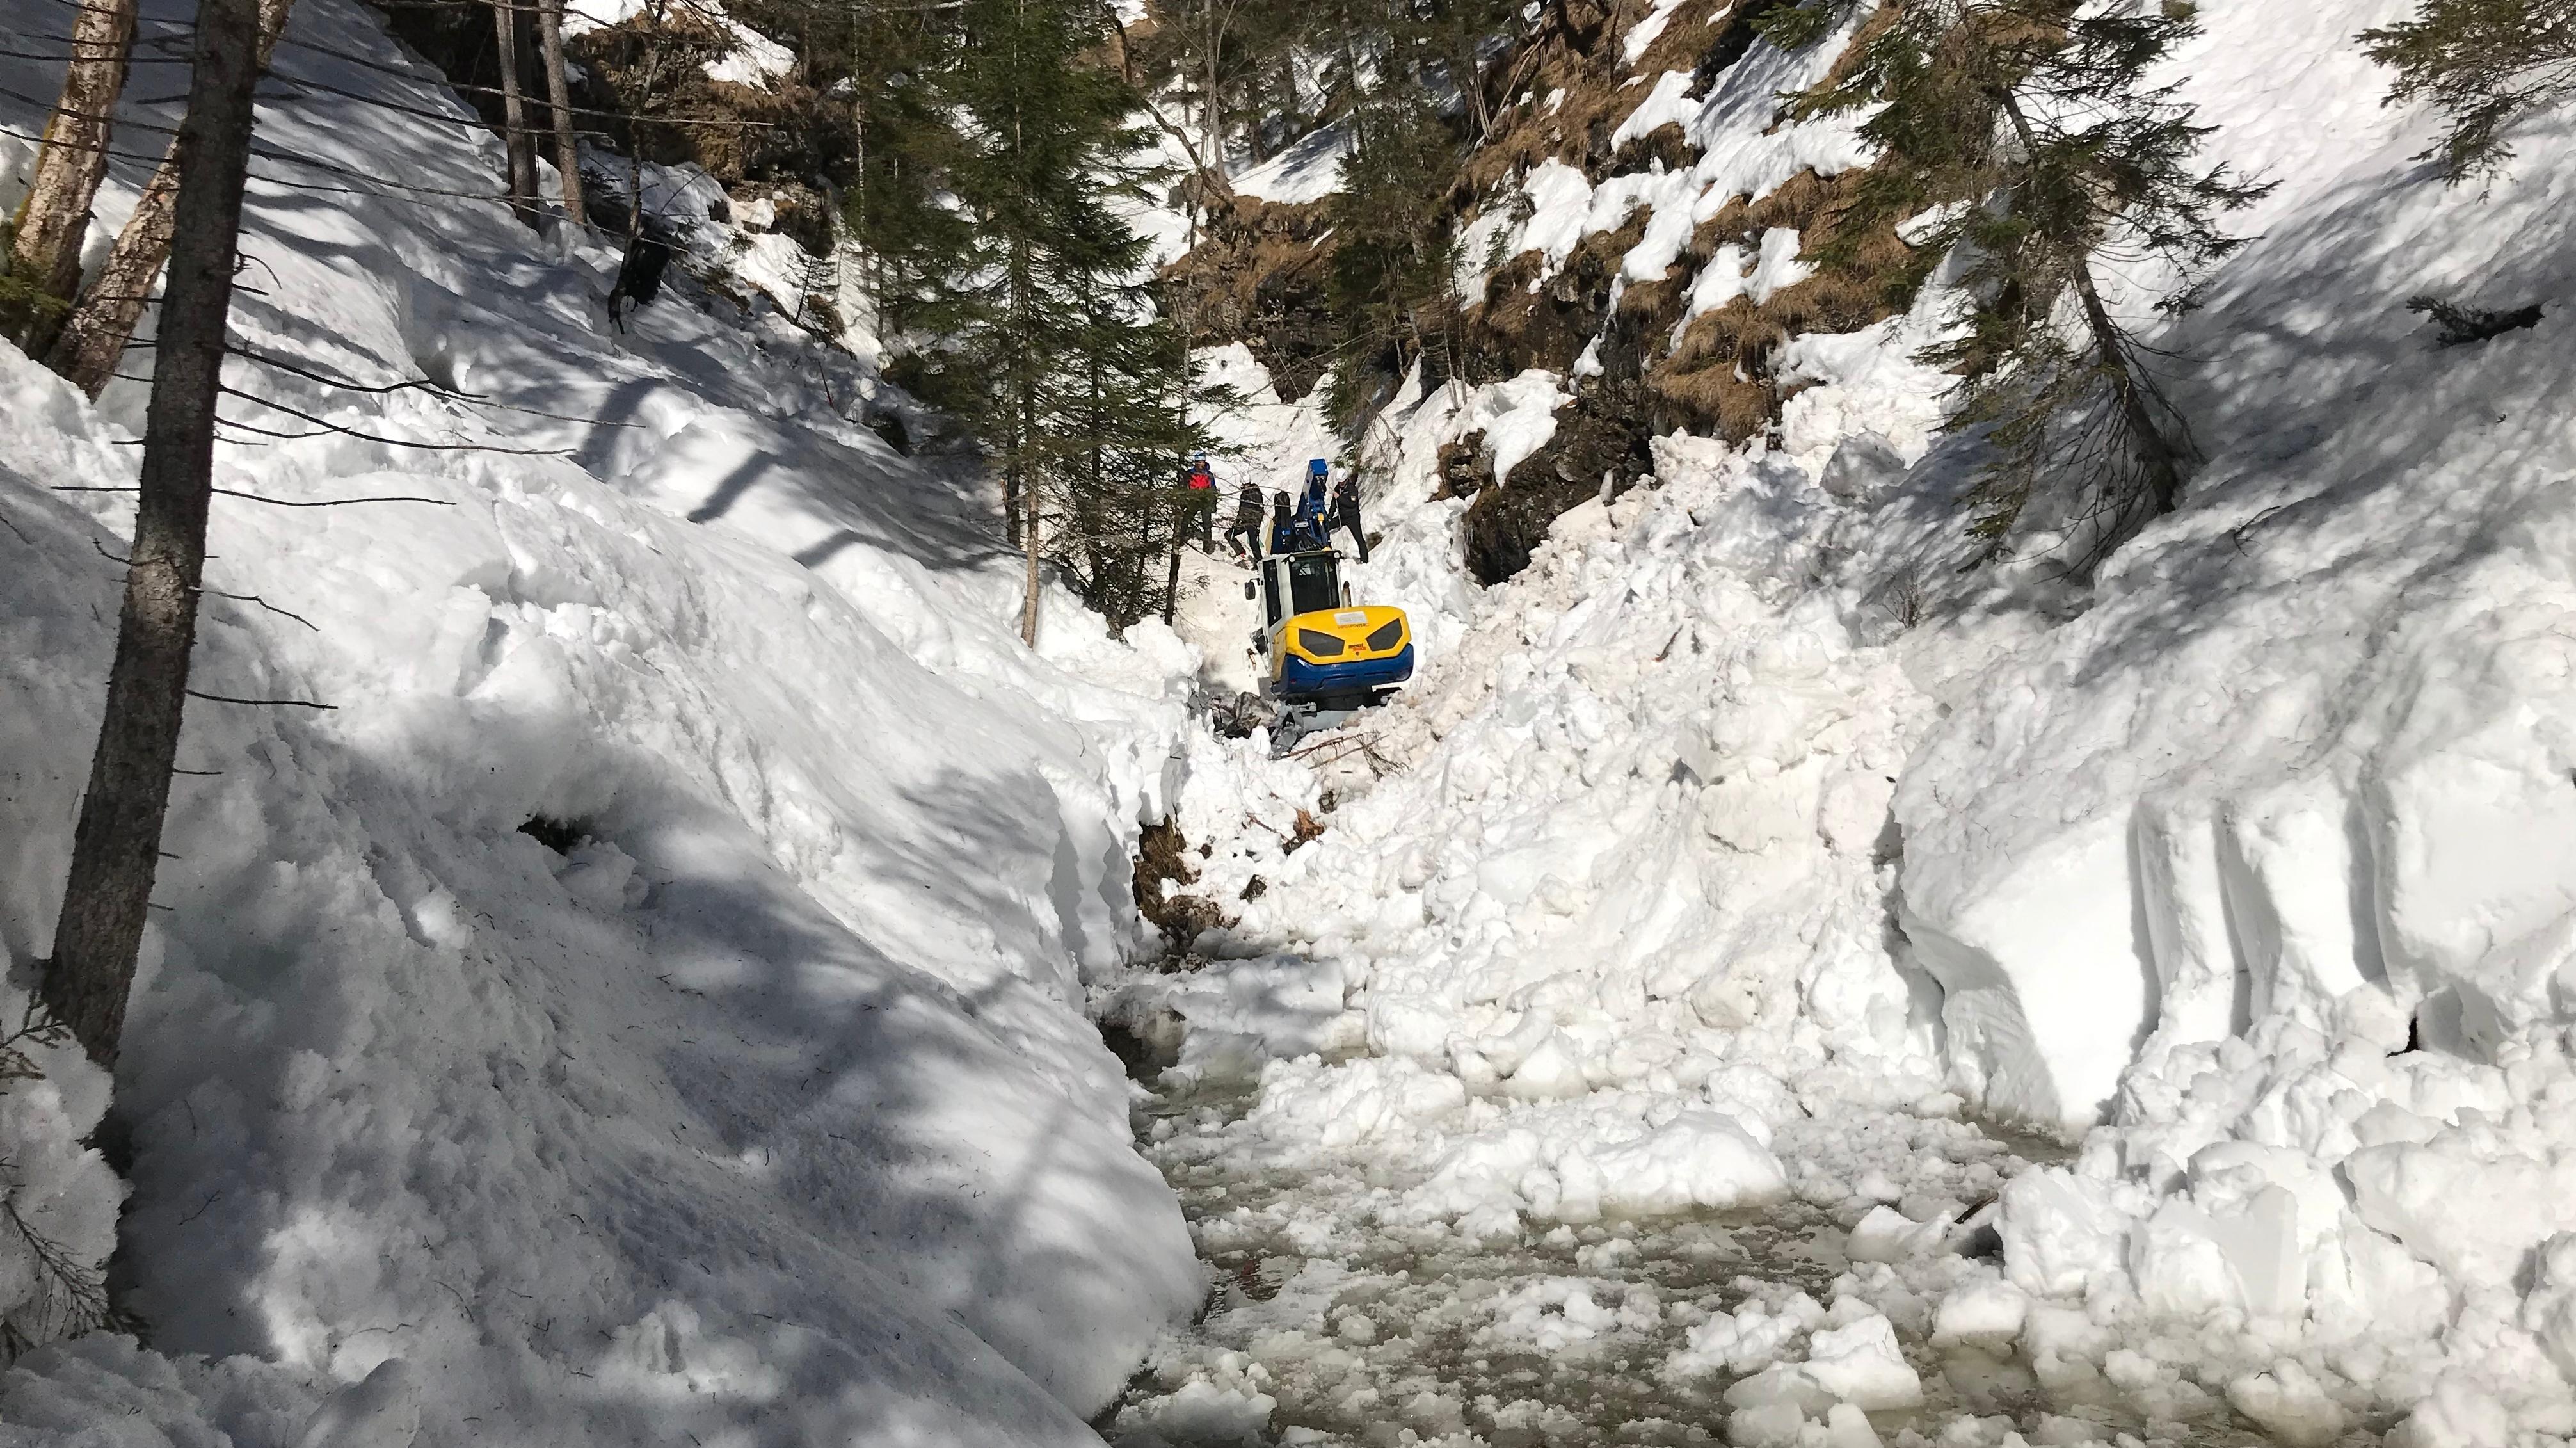 Die Suchtrupps arbeiten sich mit dem Schreitbagger durch den harten Schnee